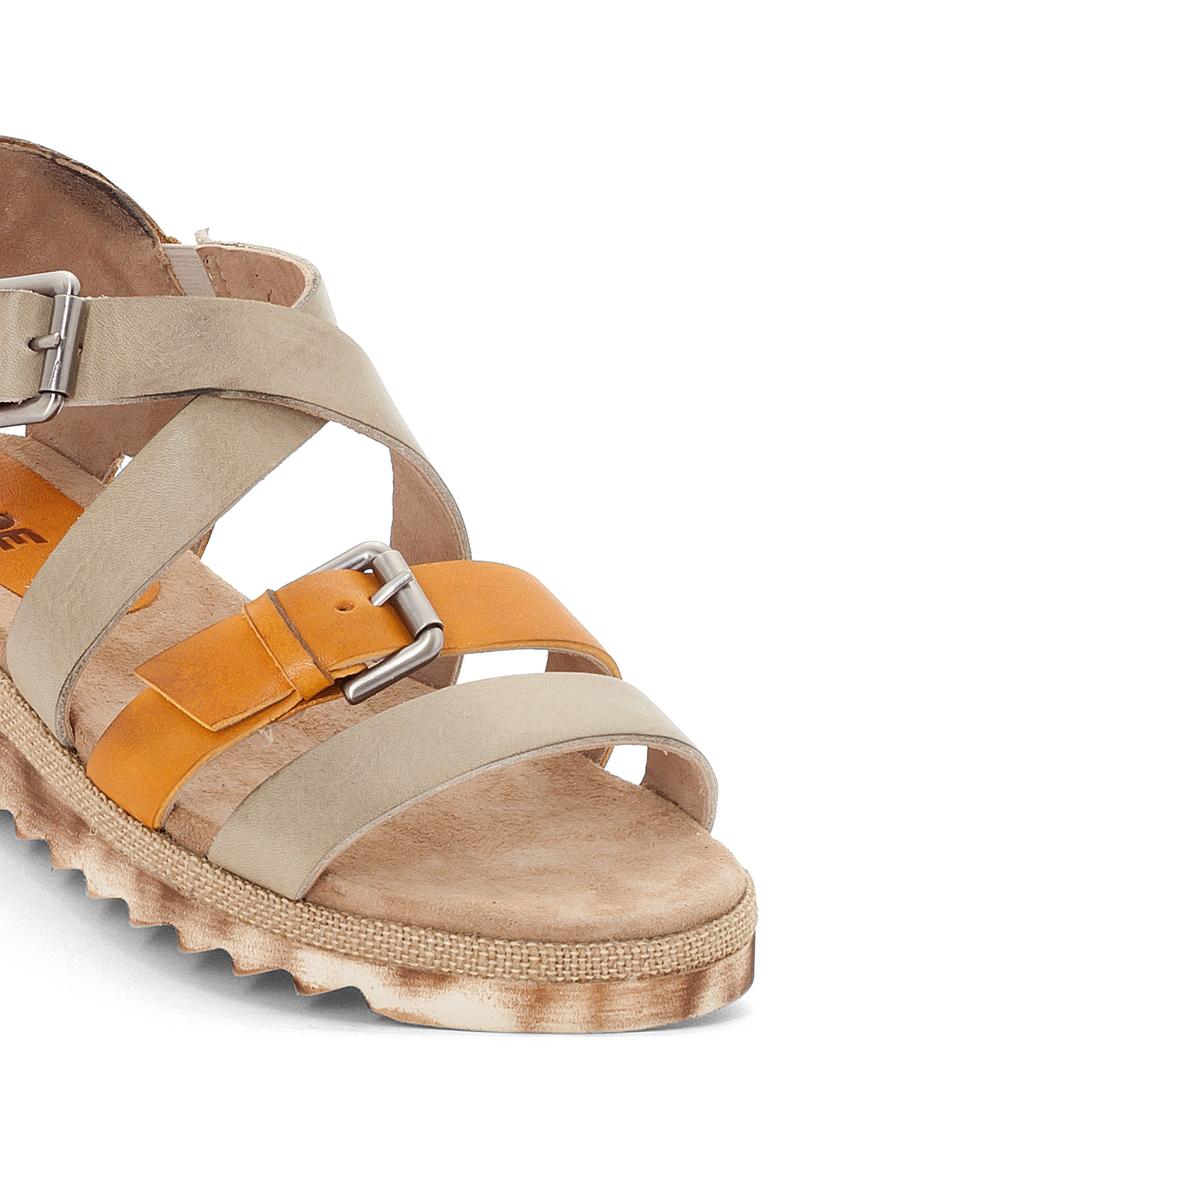 Босоножки кожаные LibbyВерх : кожа   Подкладка : кожа   Стелька : кожа   Подошва : резина   Высота каблука : 3 см   Форма каблука : плоский каблук   Мысок : открытый мысок   Застежка : пряжка<br><br>Цвет: бежевый,золотистый